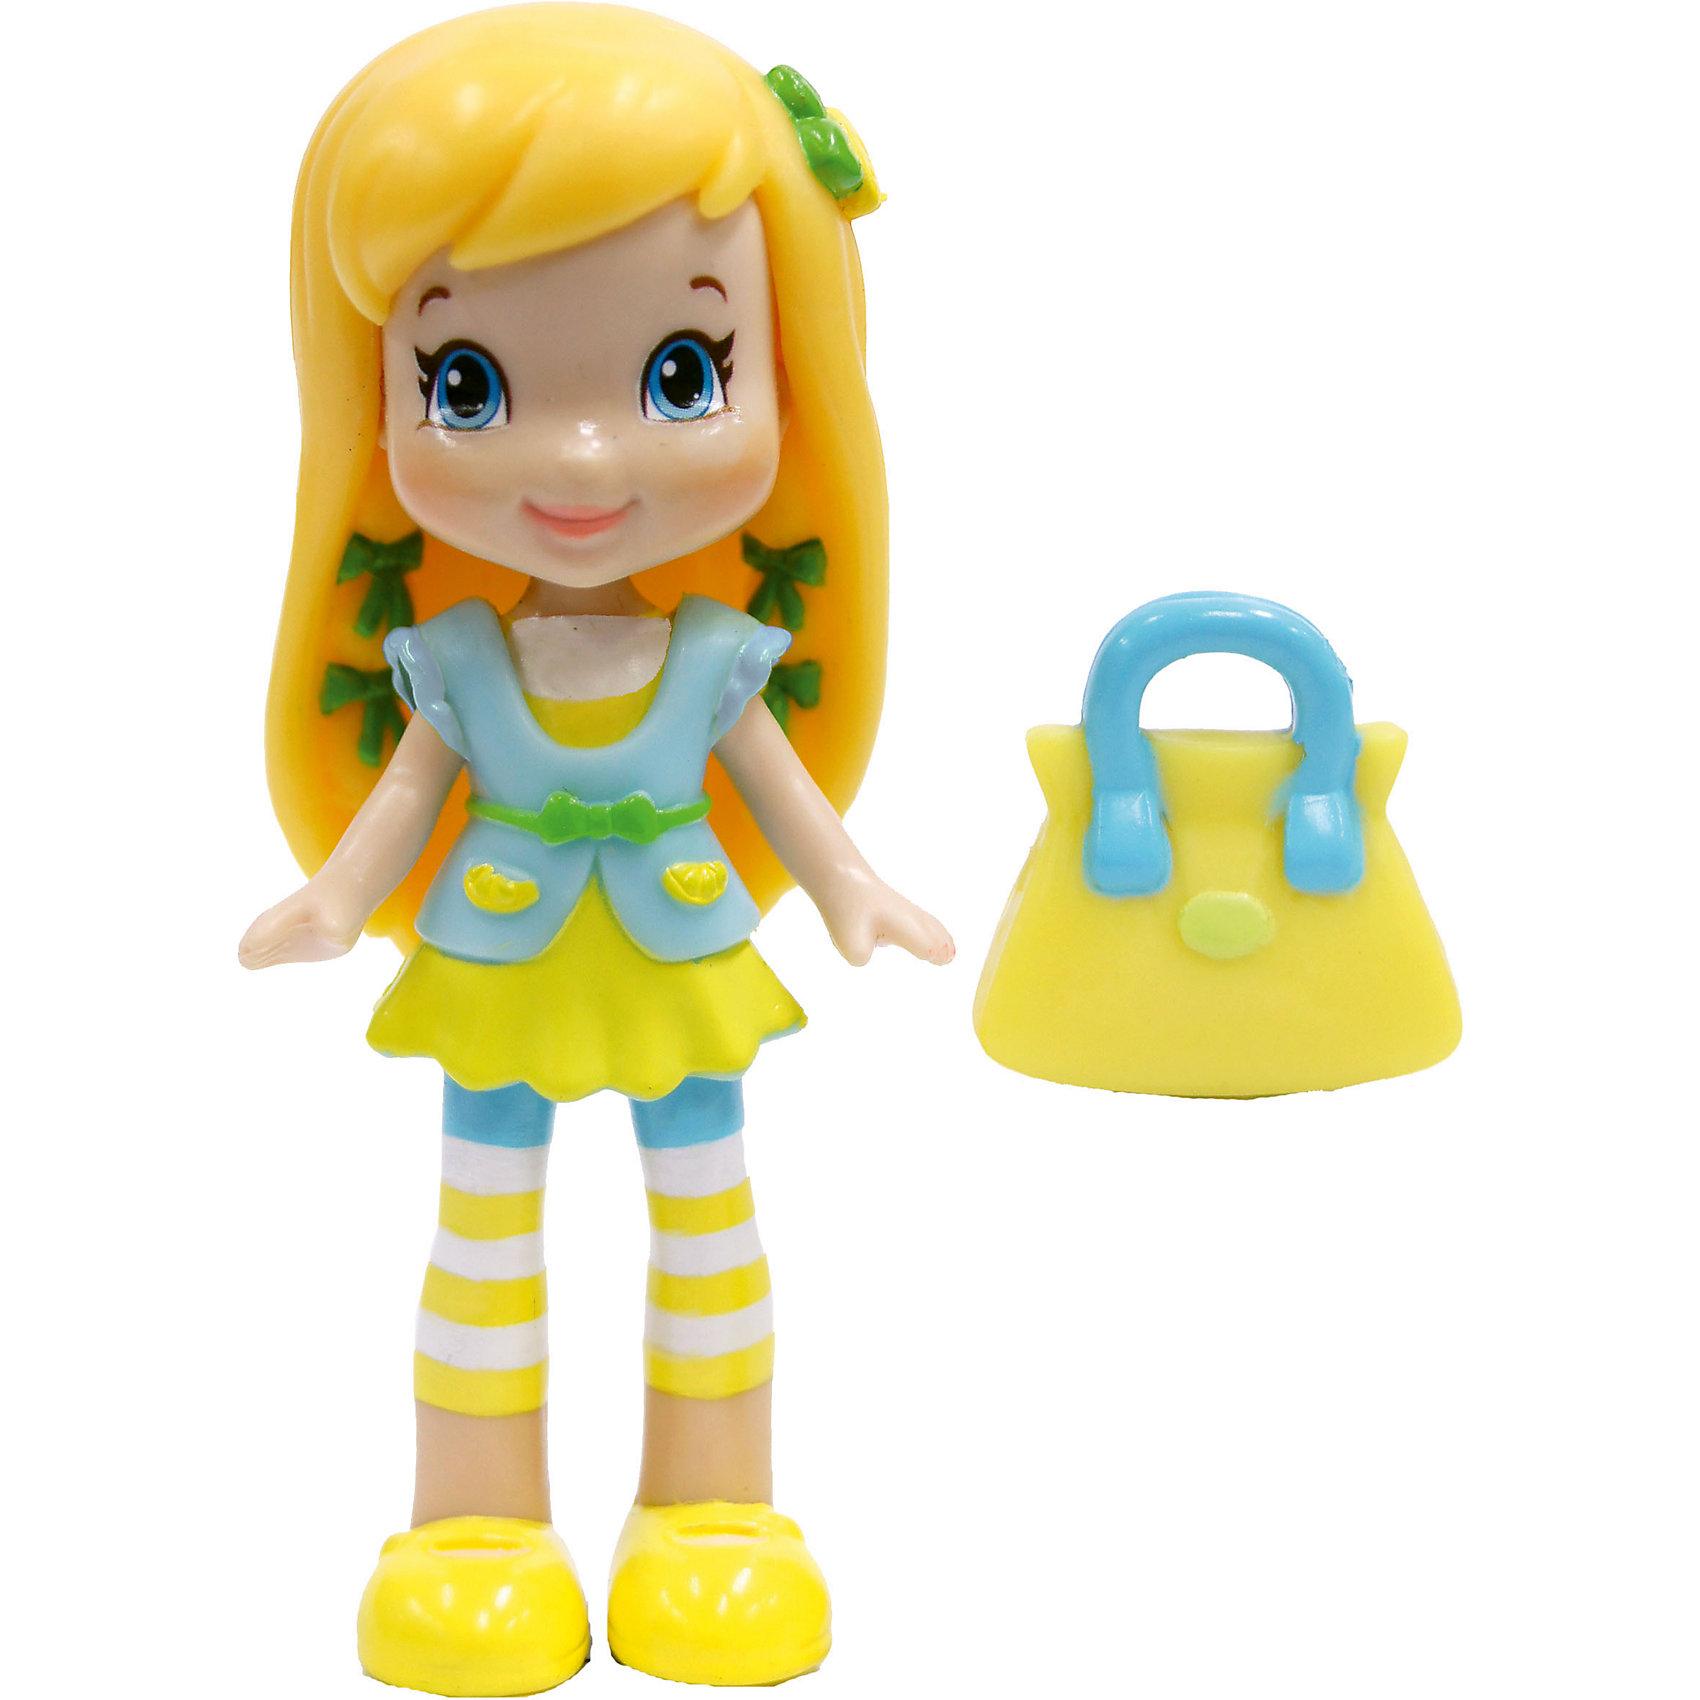 Кукла Лимон, Шарлотта Земляничка, 8 см, The BridgeБренды кукол<br>Минифигурка Strawberry Shortcake высотой 8 см – героиня мультсериала для девочек. Пластиковая фигурка Лимоны с подвижными конечностями. В комплекте с куколкой идет миниатюрная сумочка, которую можно надеть героине на ручку. <br><br>В процессе игры девочки придумывают новые сюжеты для героев мультфильма «Шарлотта Земляничка», заботятся о своих подопечных. <br><br>Размер упаковки: 11х3х16 см<br>Вес упаковки: 100 г<br><br>Куклу Лимон, Шарлотта Земляничка, 8 см, The Bridge можно купить в нашем интернет-магазине.<br><br>Ширина мм: 40<br>Глубина мм: 115<br>Высота мм: 160<br>Вес г: 81<br>Возраст от месяцев: 36<br>Возраст до месяцев: 2147483647<br>Пол: Женский<br>Возраст: Детский<br>SKU: 5064324